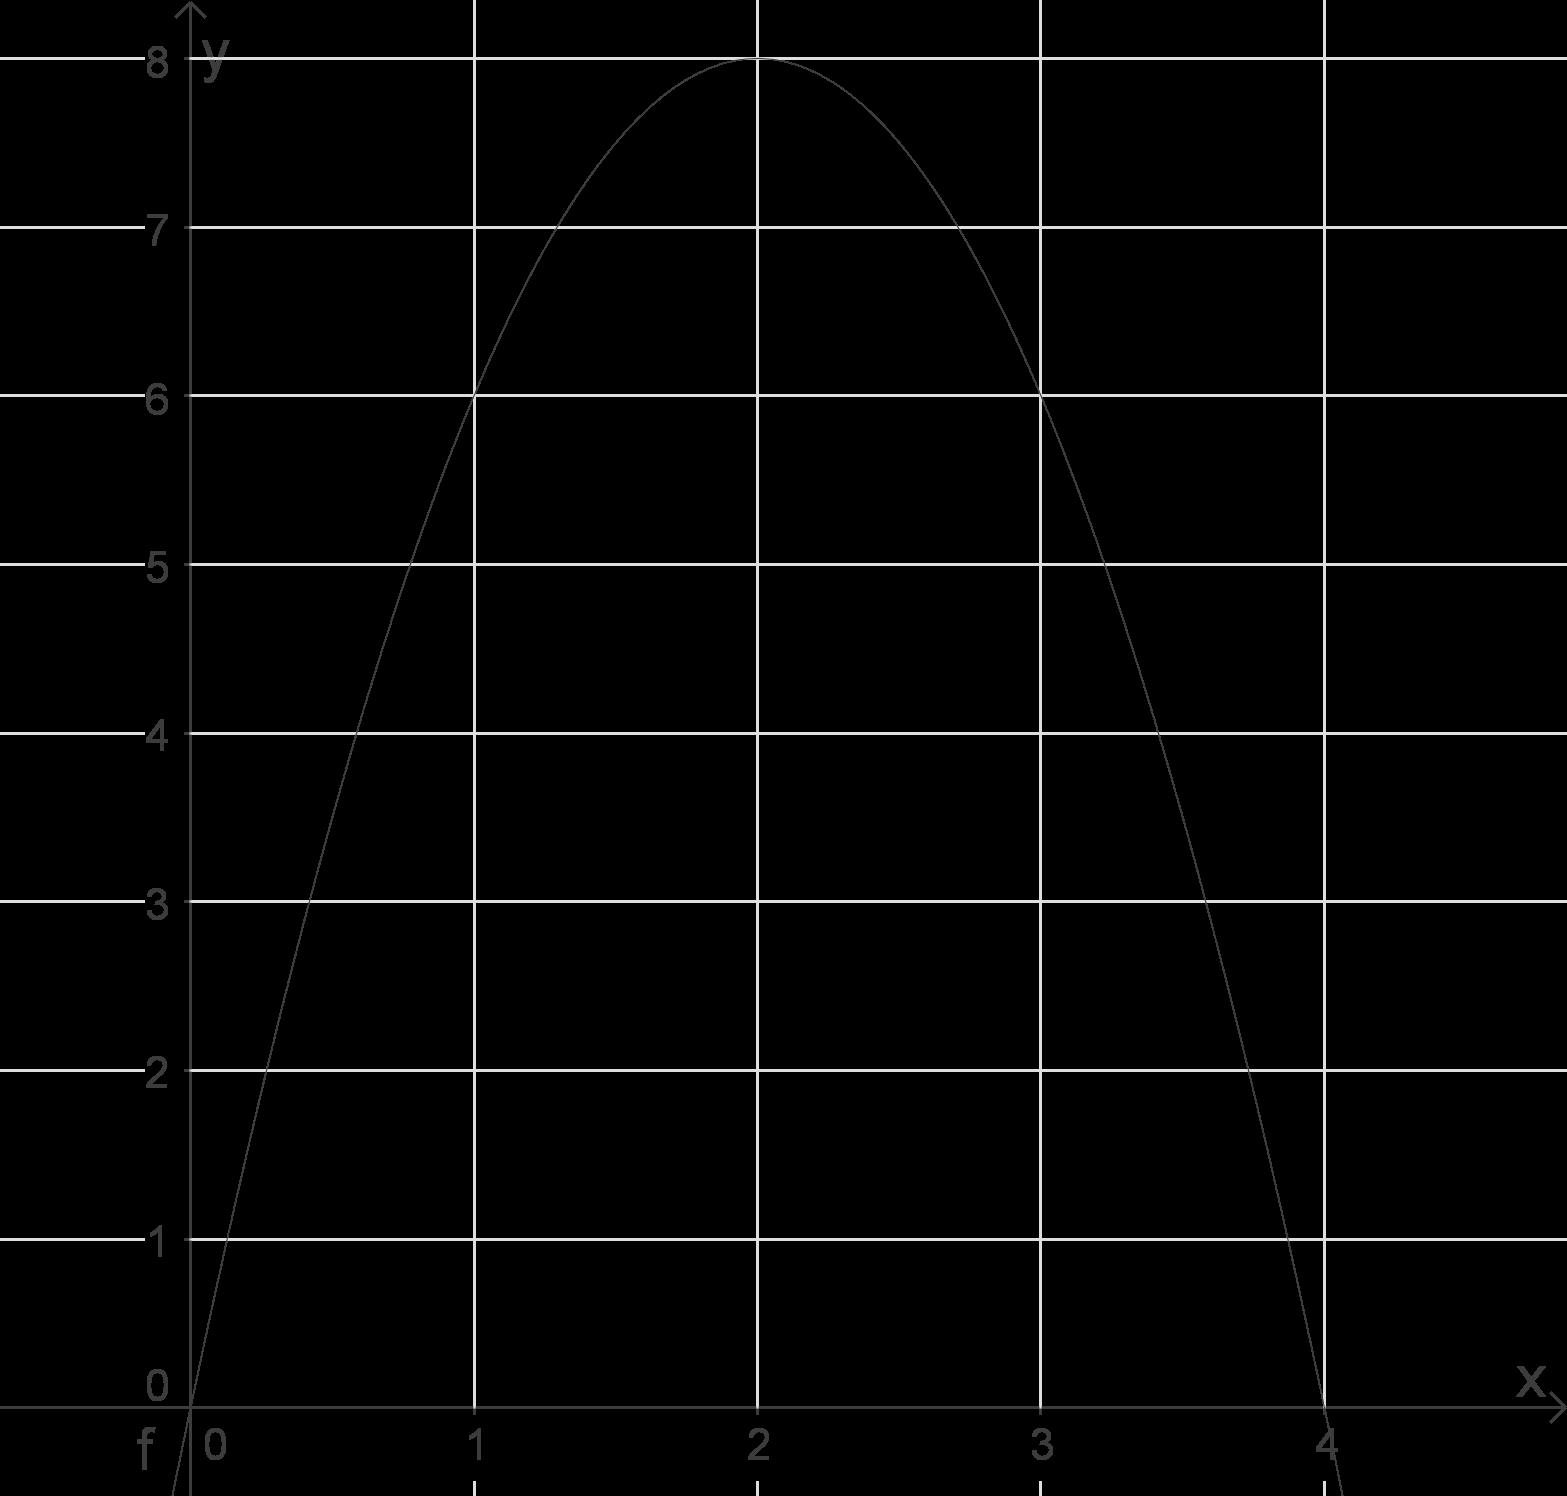 Quadratische Funktionen: Modellierungsaufgaben